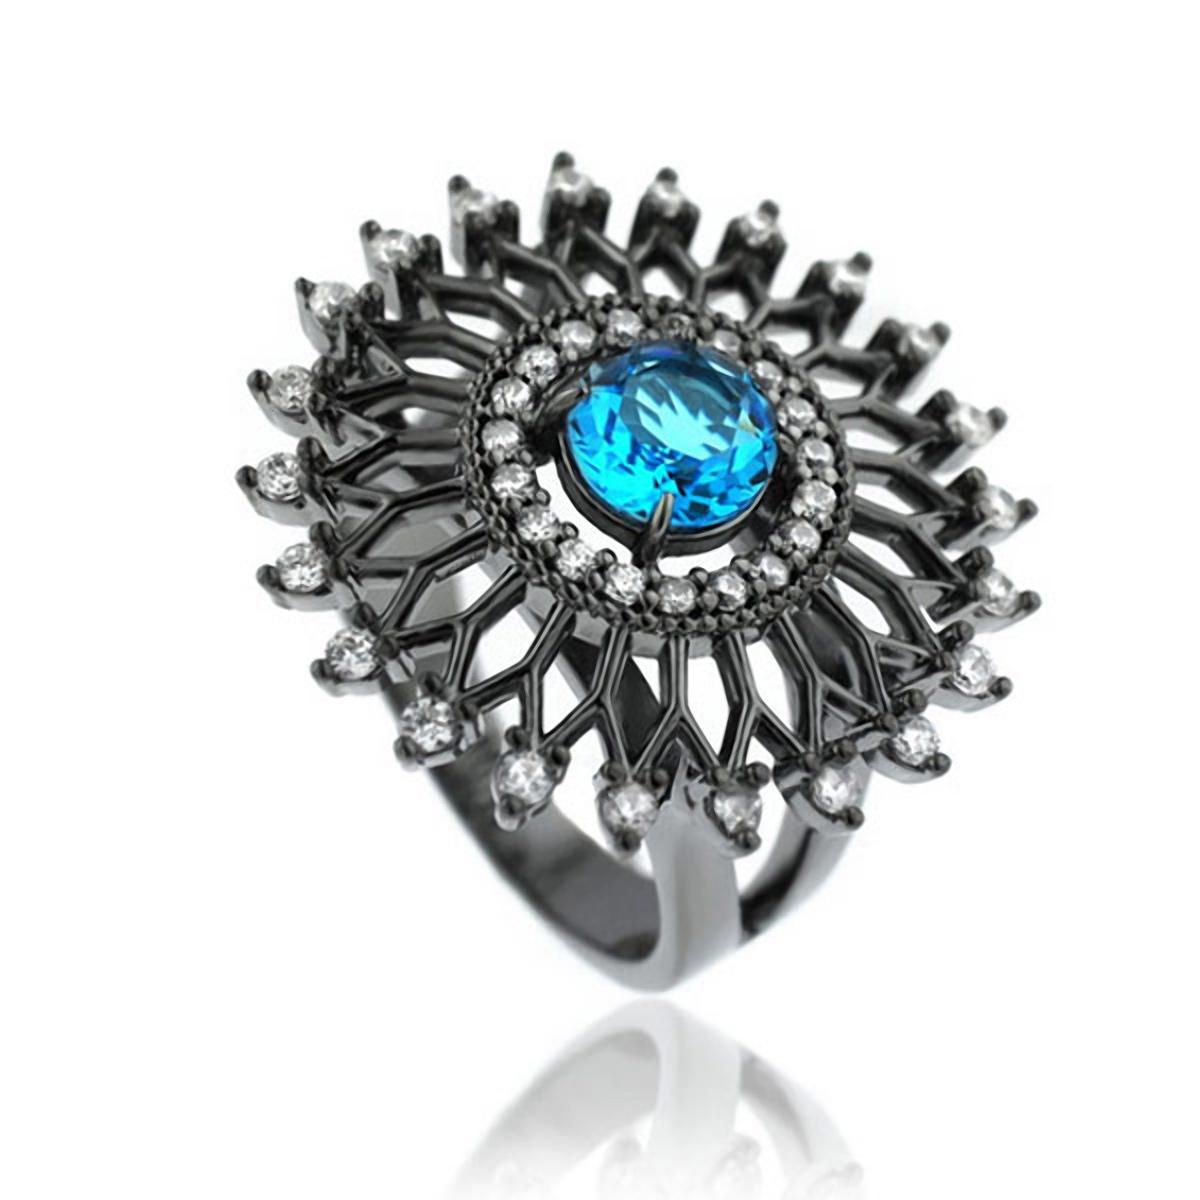 Anel Grande Vazado Semijoia em Ródio Negro com Micro Zircônia Branca e Cristal Turmalina Azul  - Soloyou